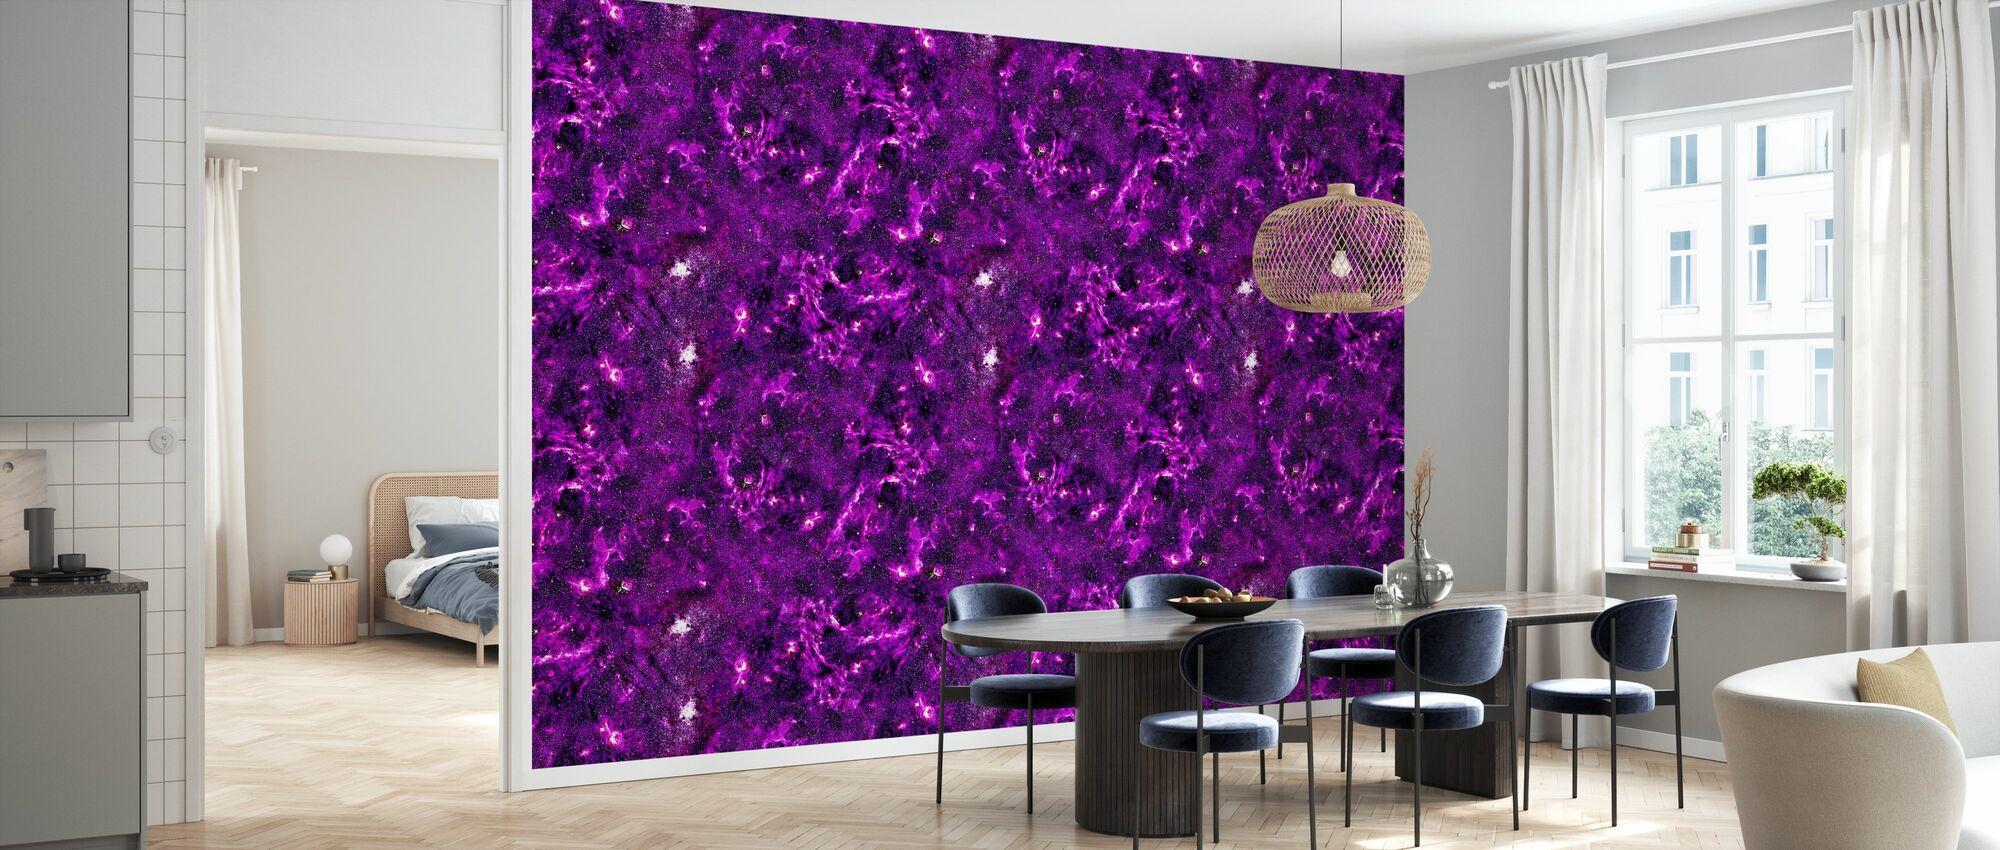 Pinkster - Wallpaper - Kitchen